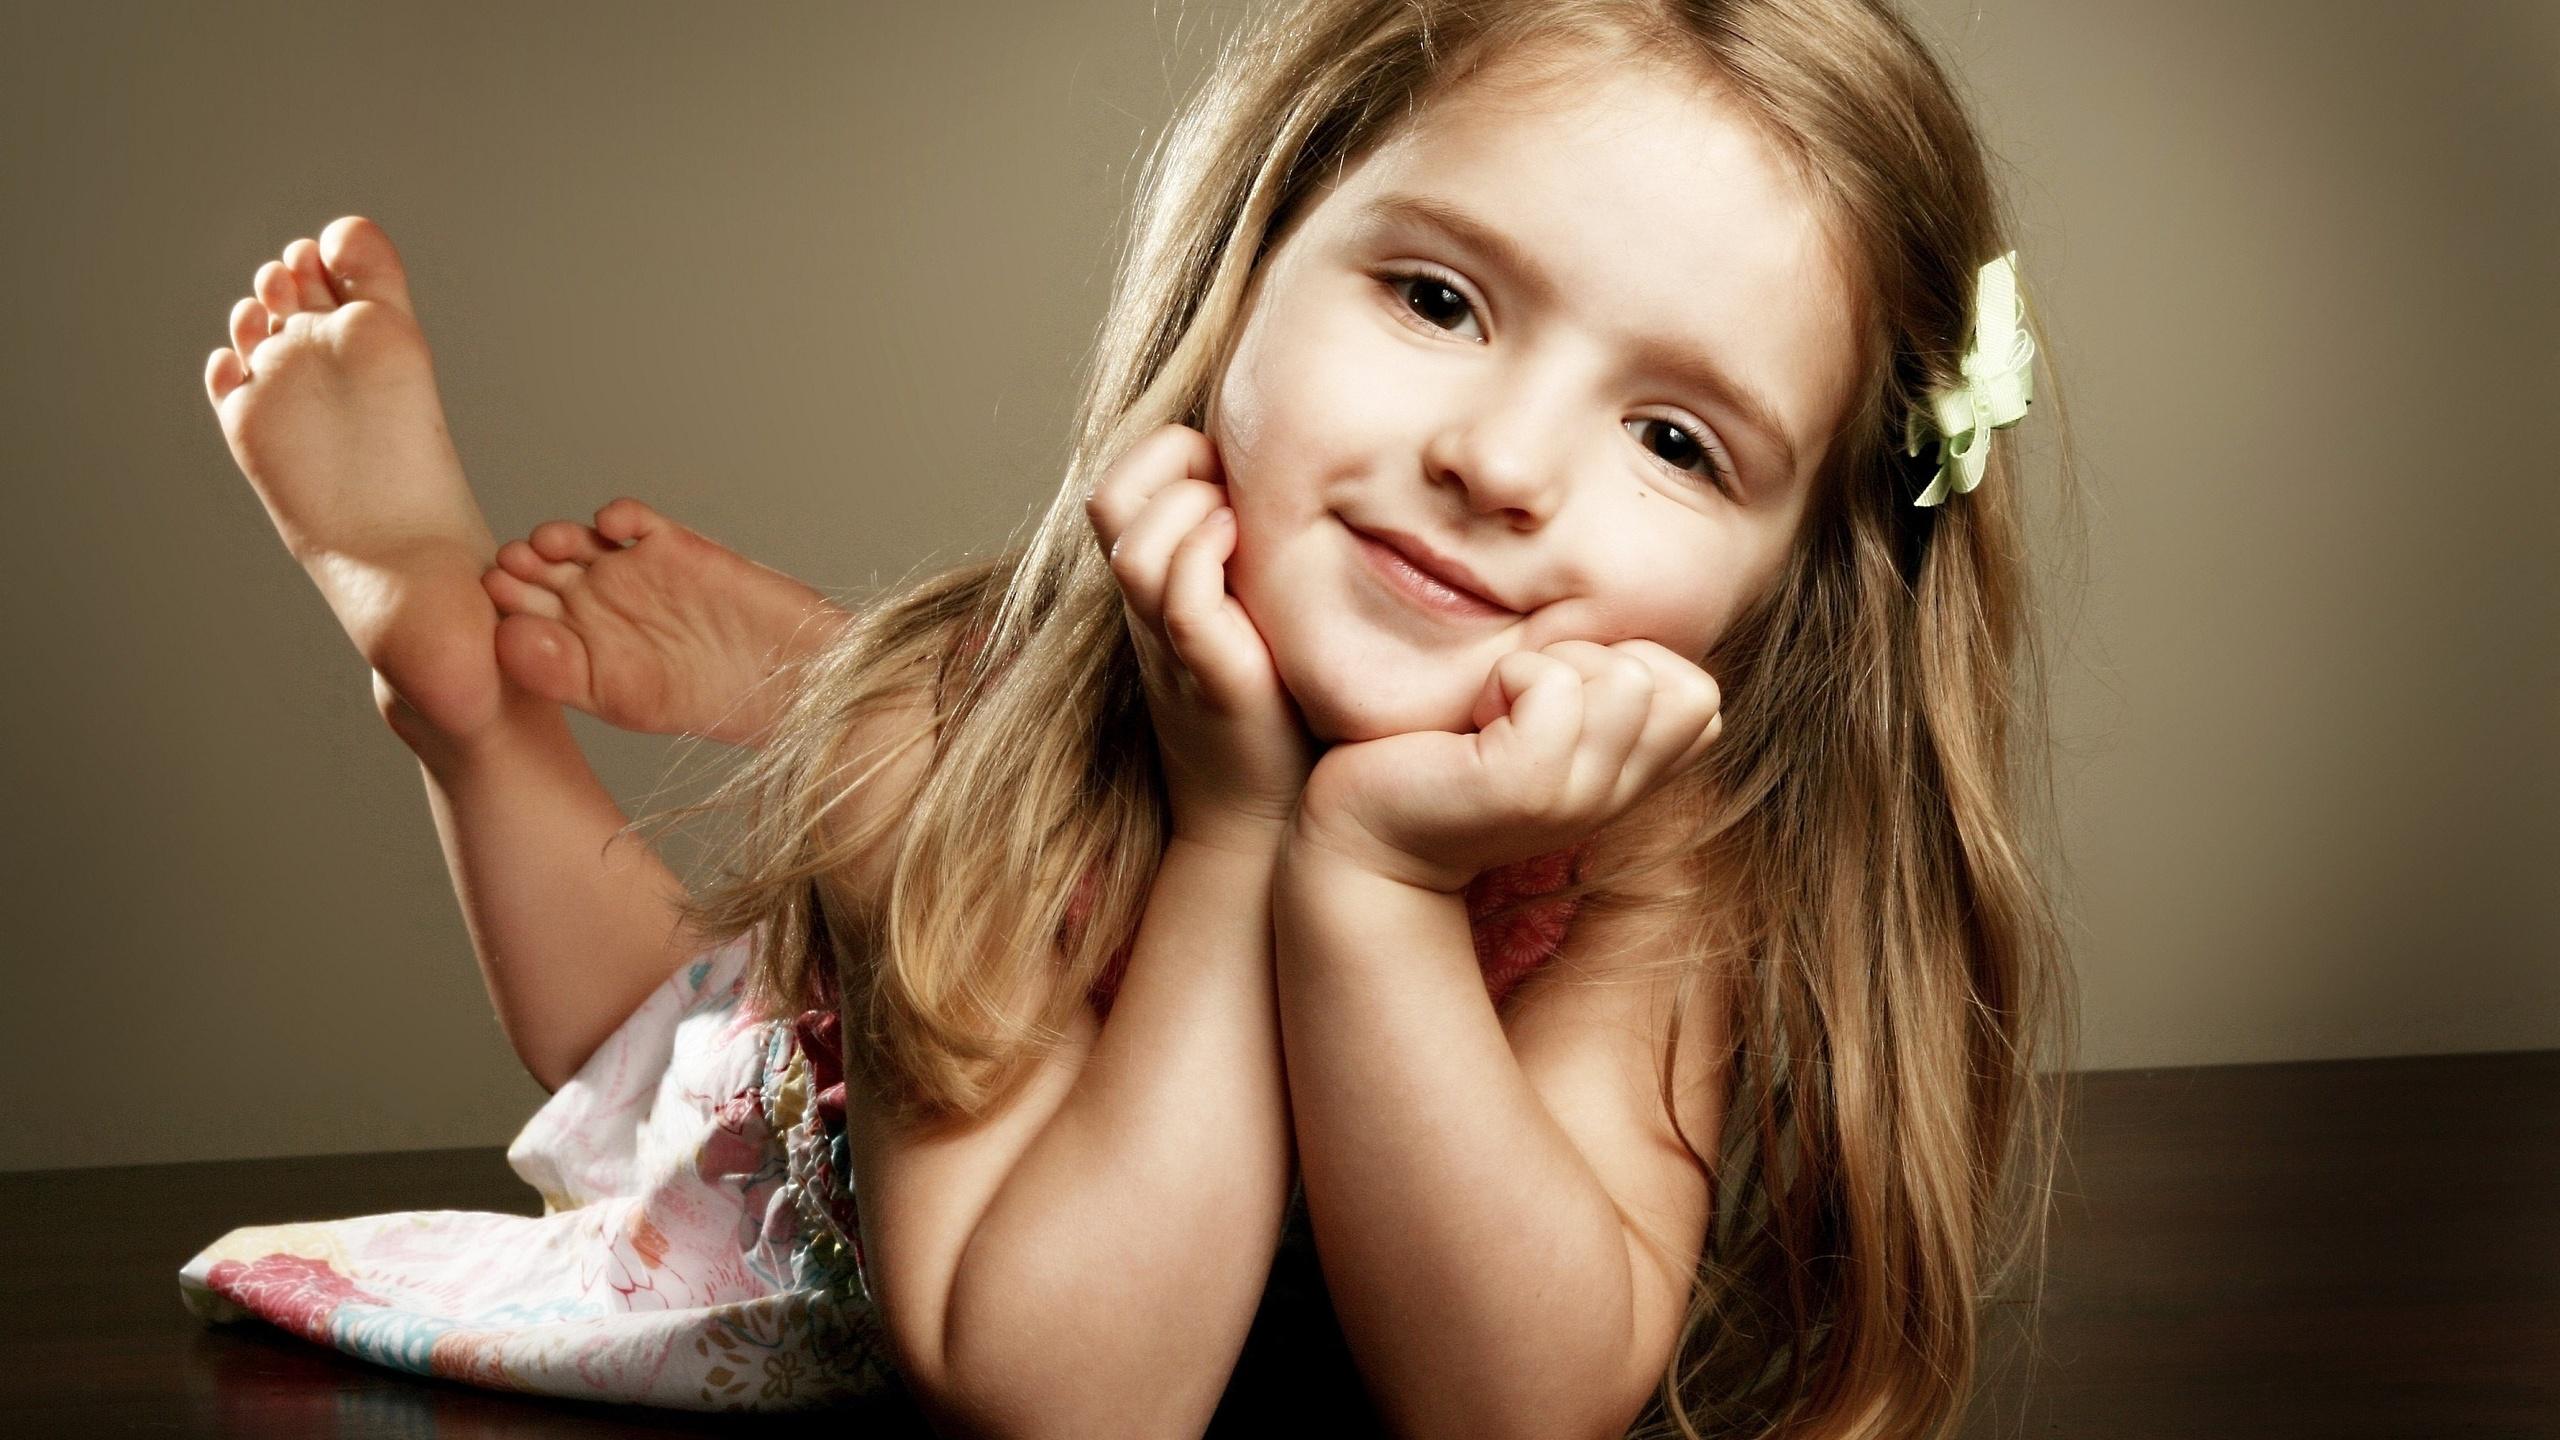 Фото девушки с маленькими, Маленькая грудьфото. Девушки с натуральной 1 фотография